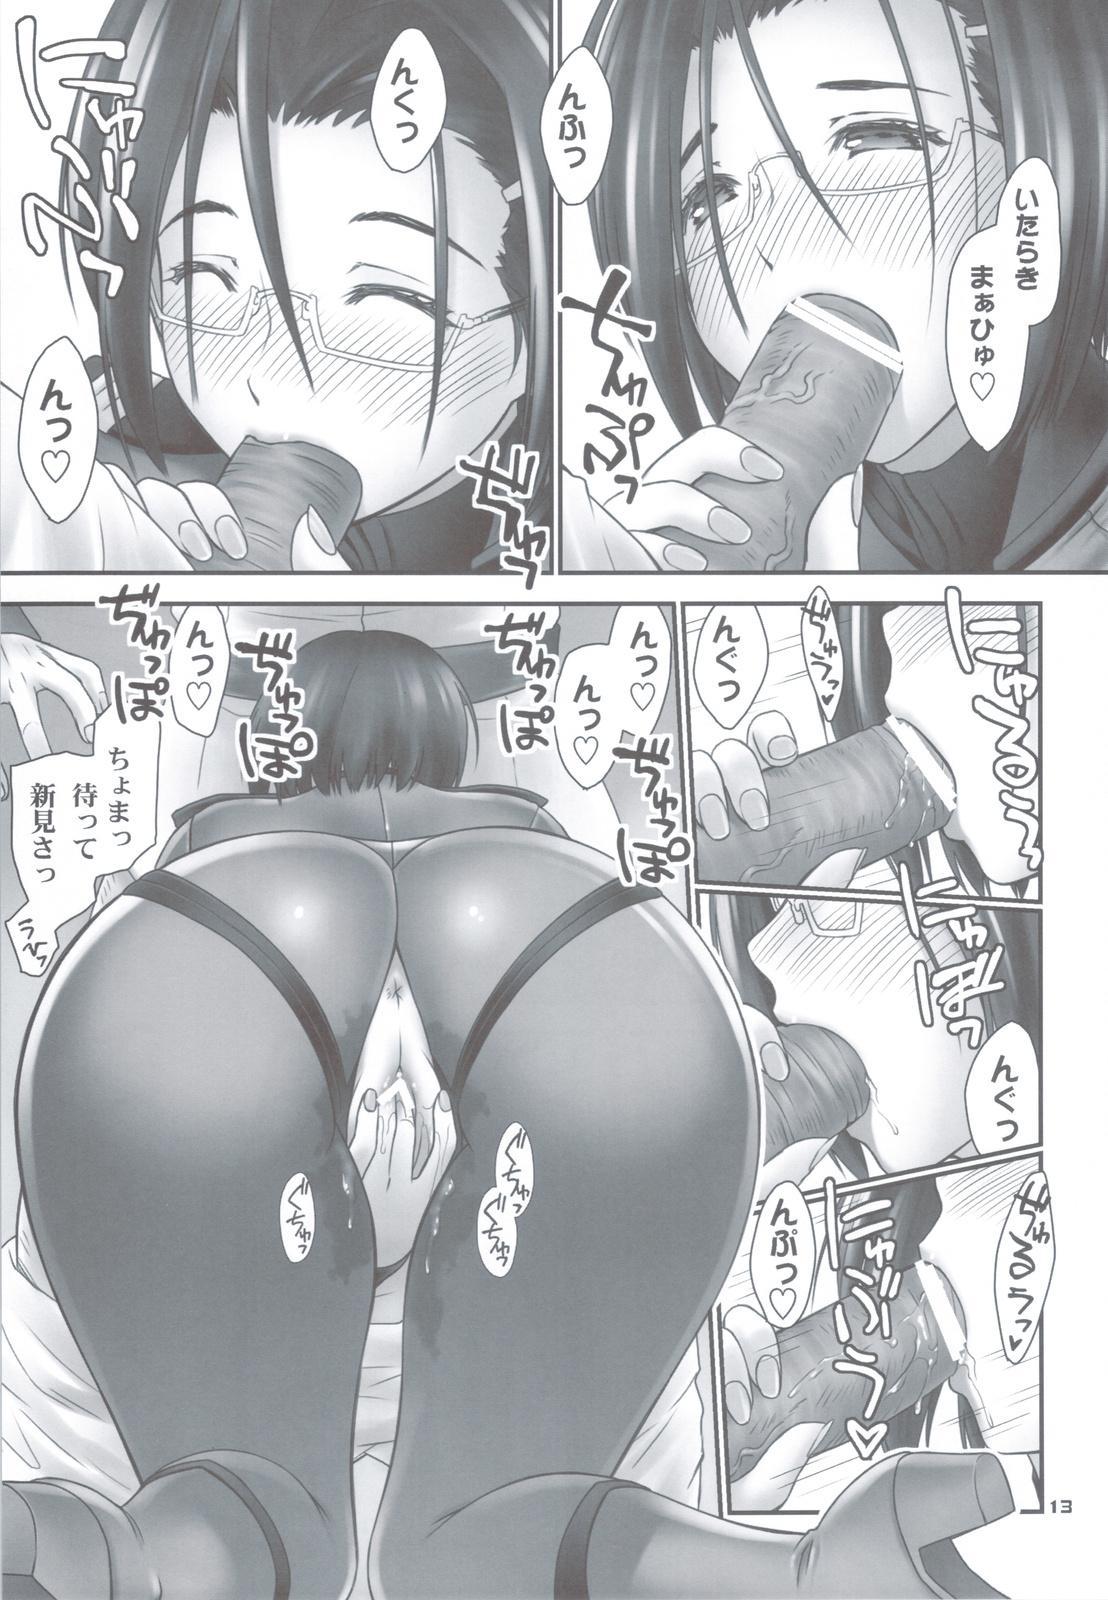 Kannaifuku ga Ki ni Natte Shikata ga Nai 2199 + Omake Bon 11